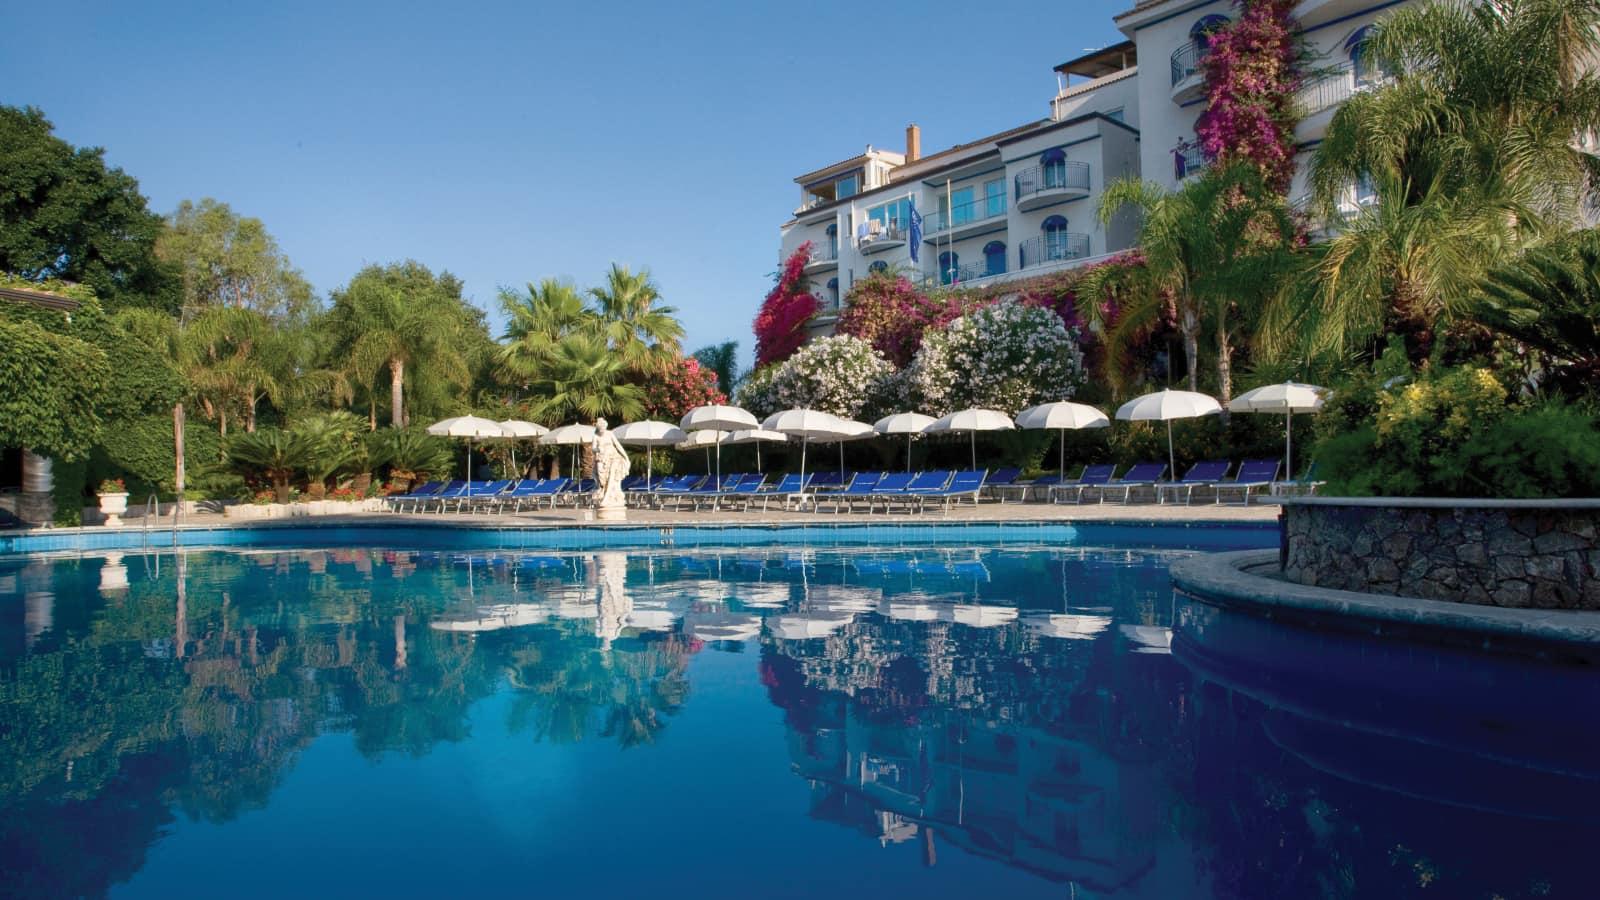 Sant alphio garden hotel spa giardini naxos sicily holidays - Hotel ai giardini naxos ...